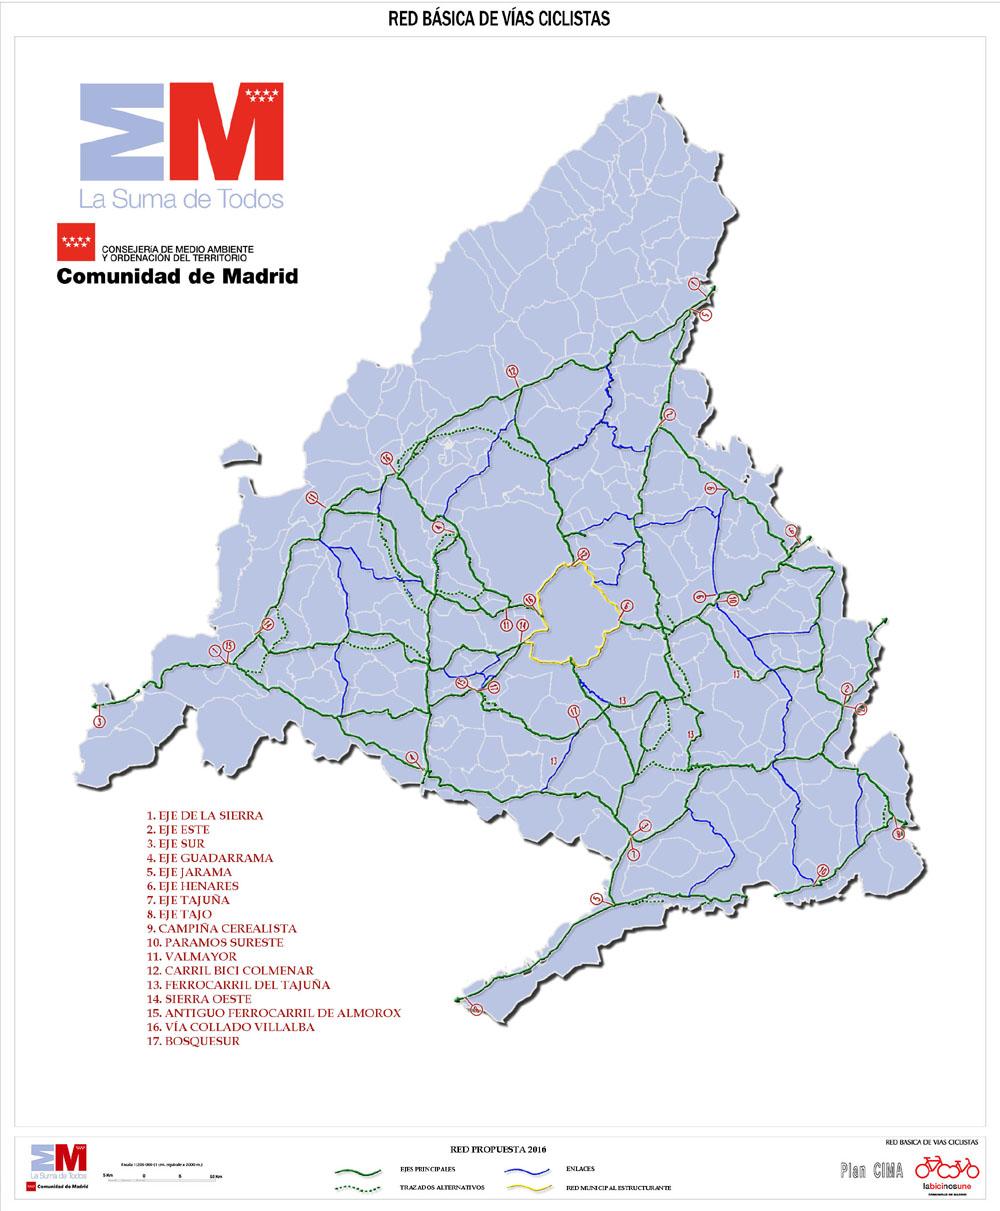 Vías Ciclistas de la Comunidad de Madrid